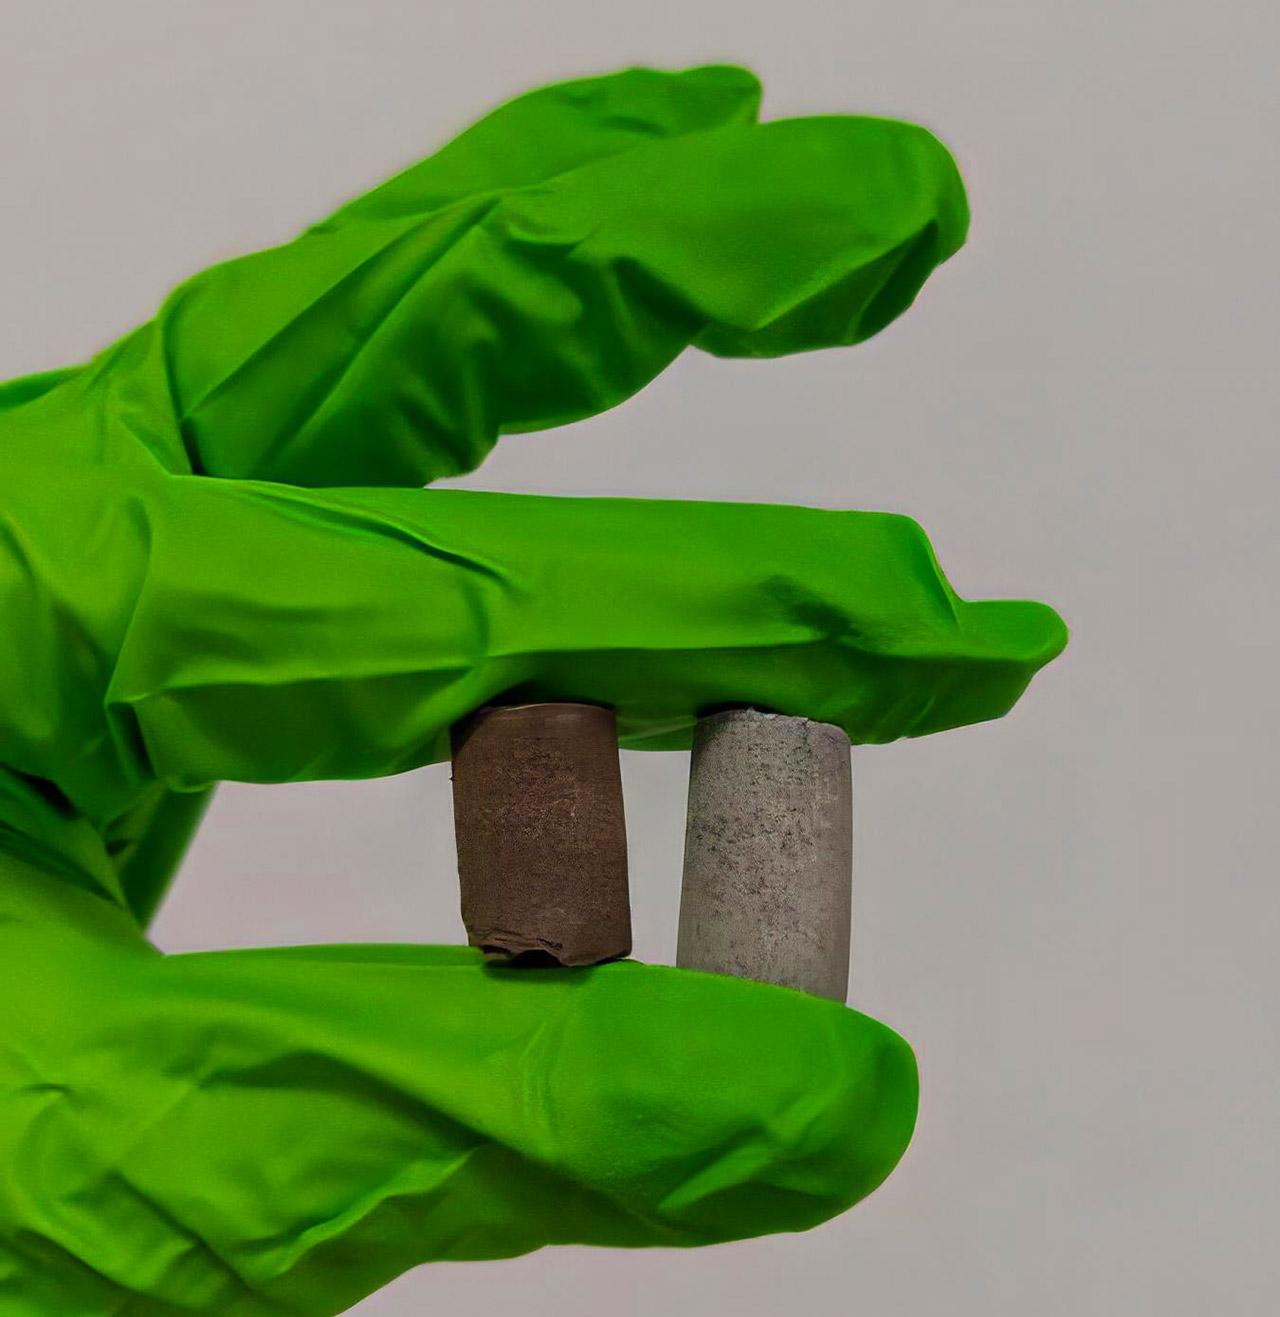 Mars Space Dust Astronaut Blood Construction Martian Soil Concrete